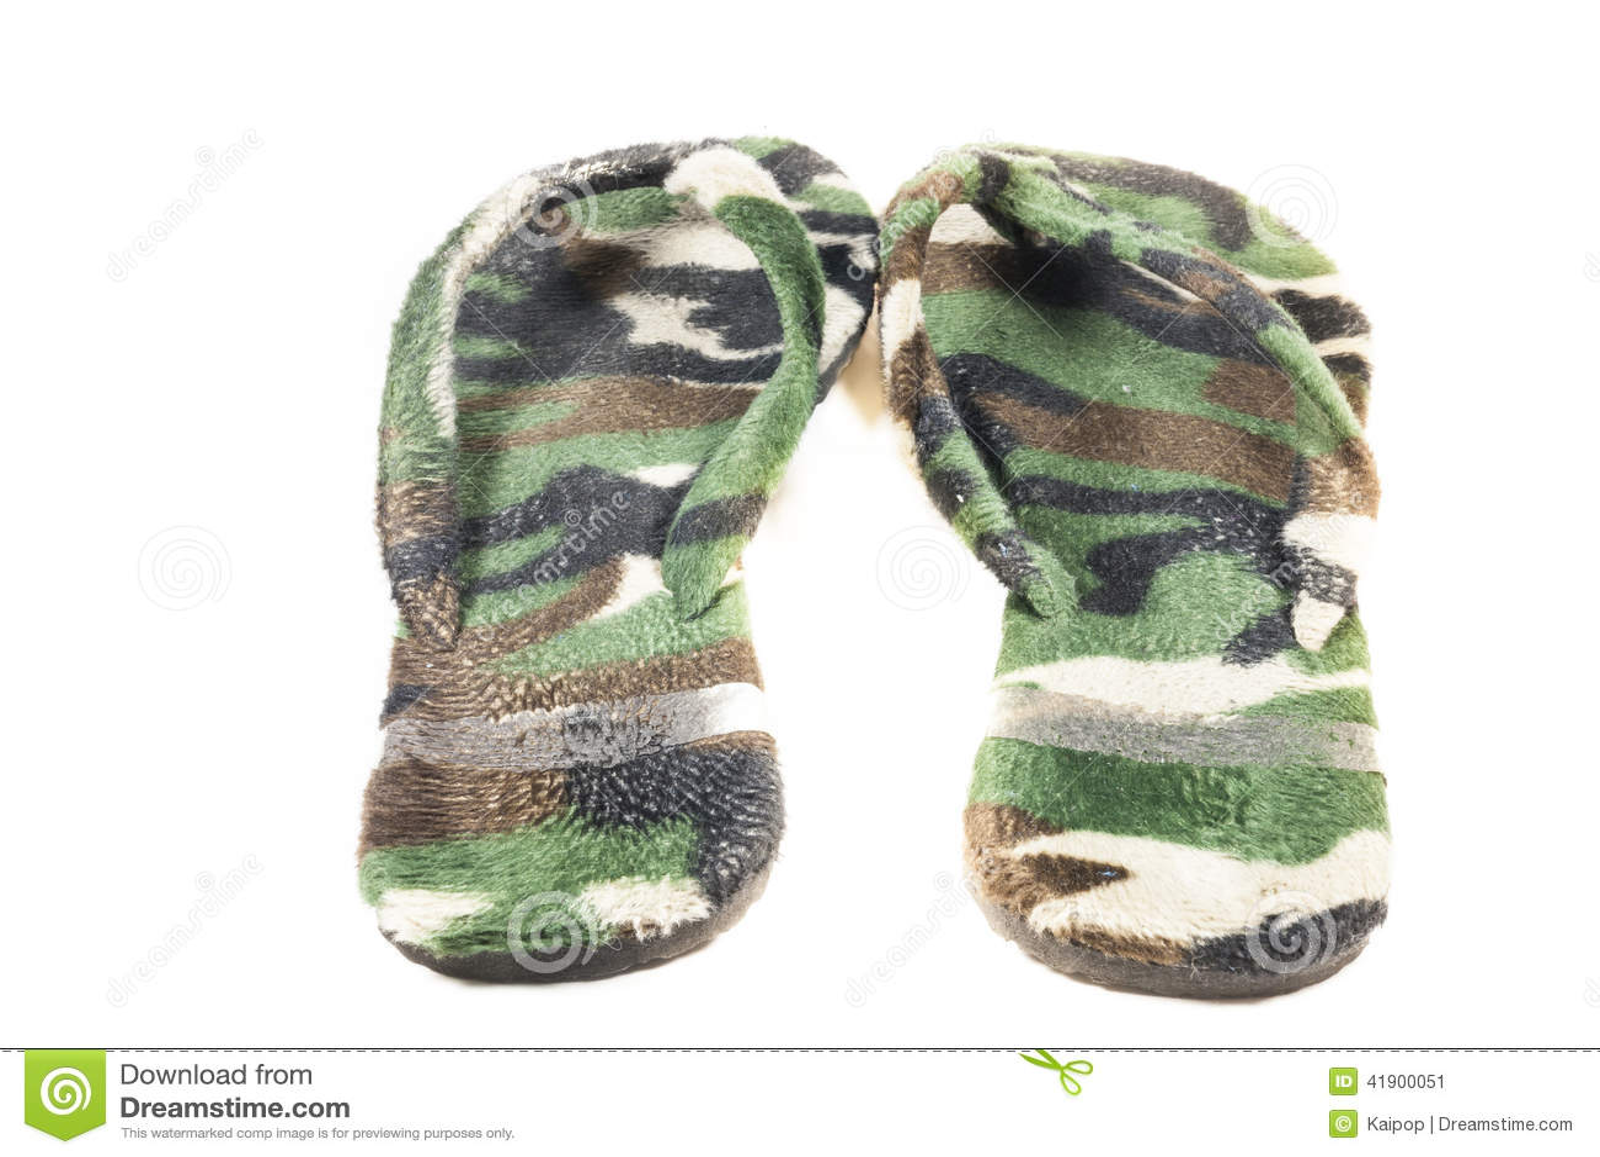 Los deslizadores camuflan a militares